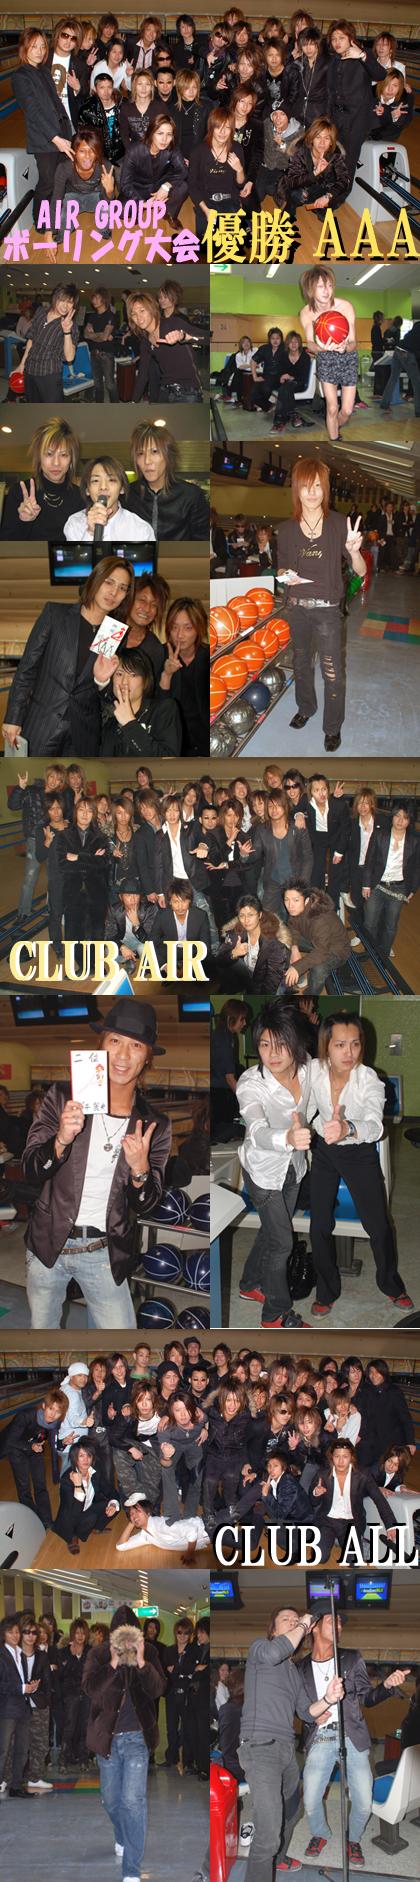 歌舞伎町 ホストクラブ AIR-GROUP ボーリング 忘年会